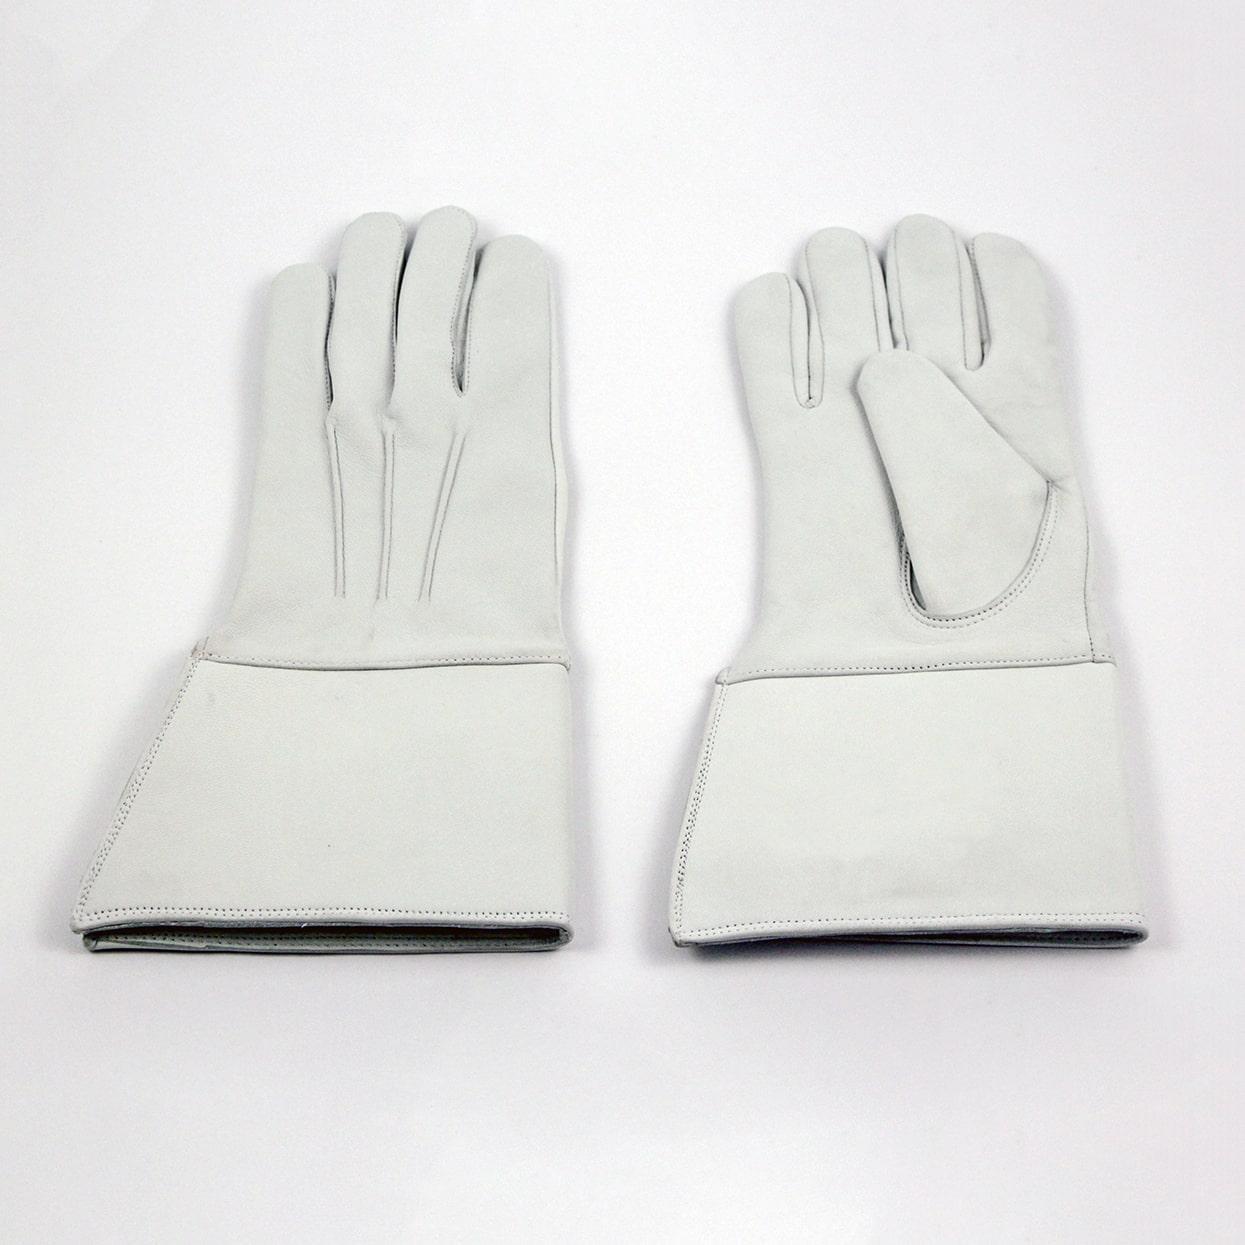 Parade Gloves white